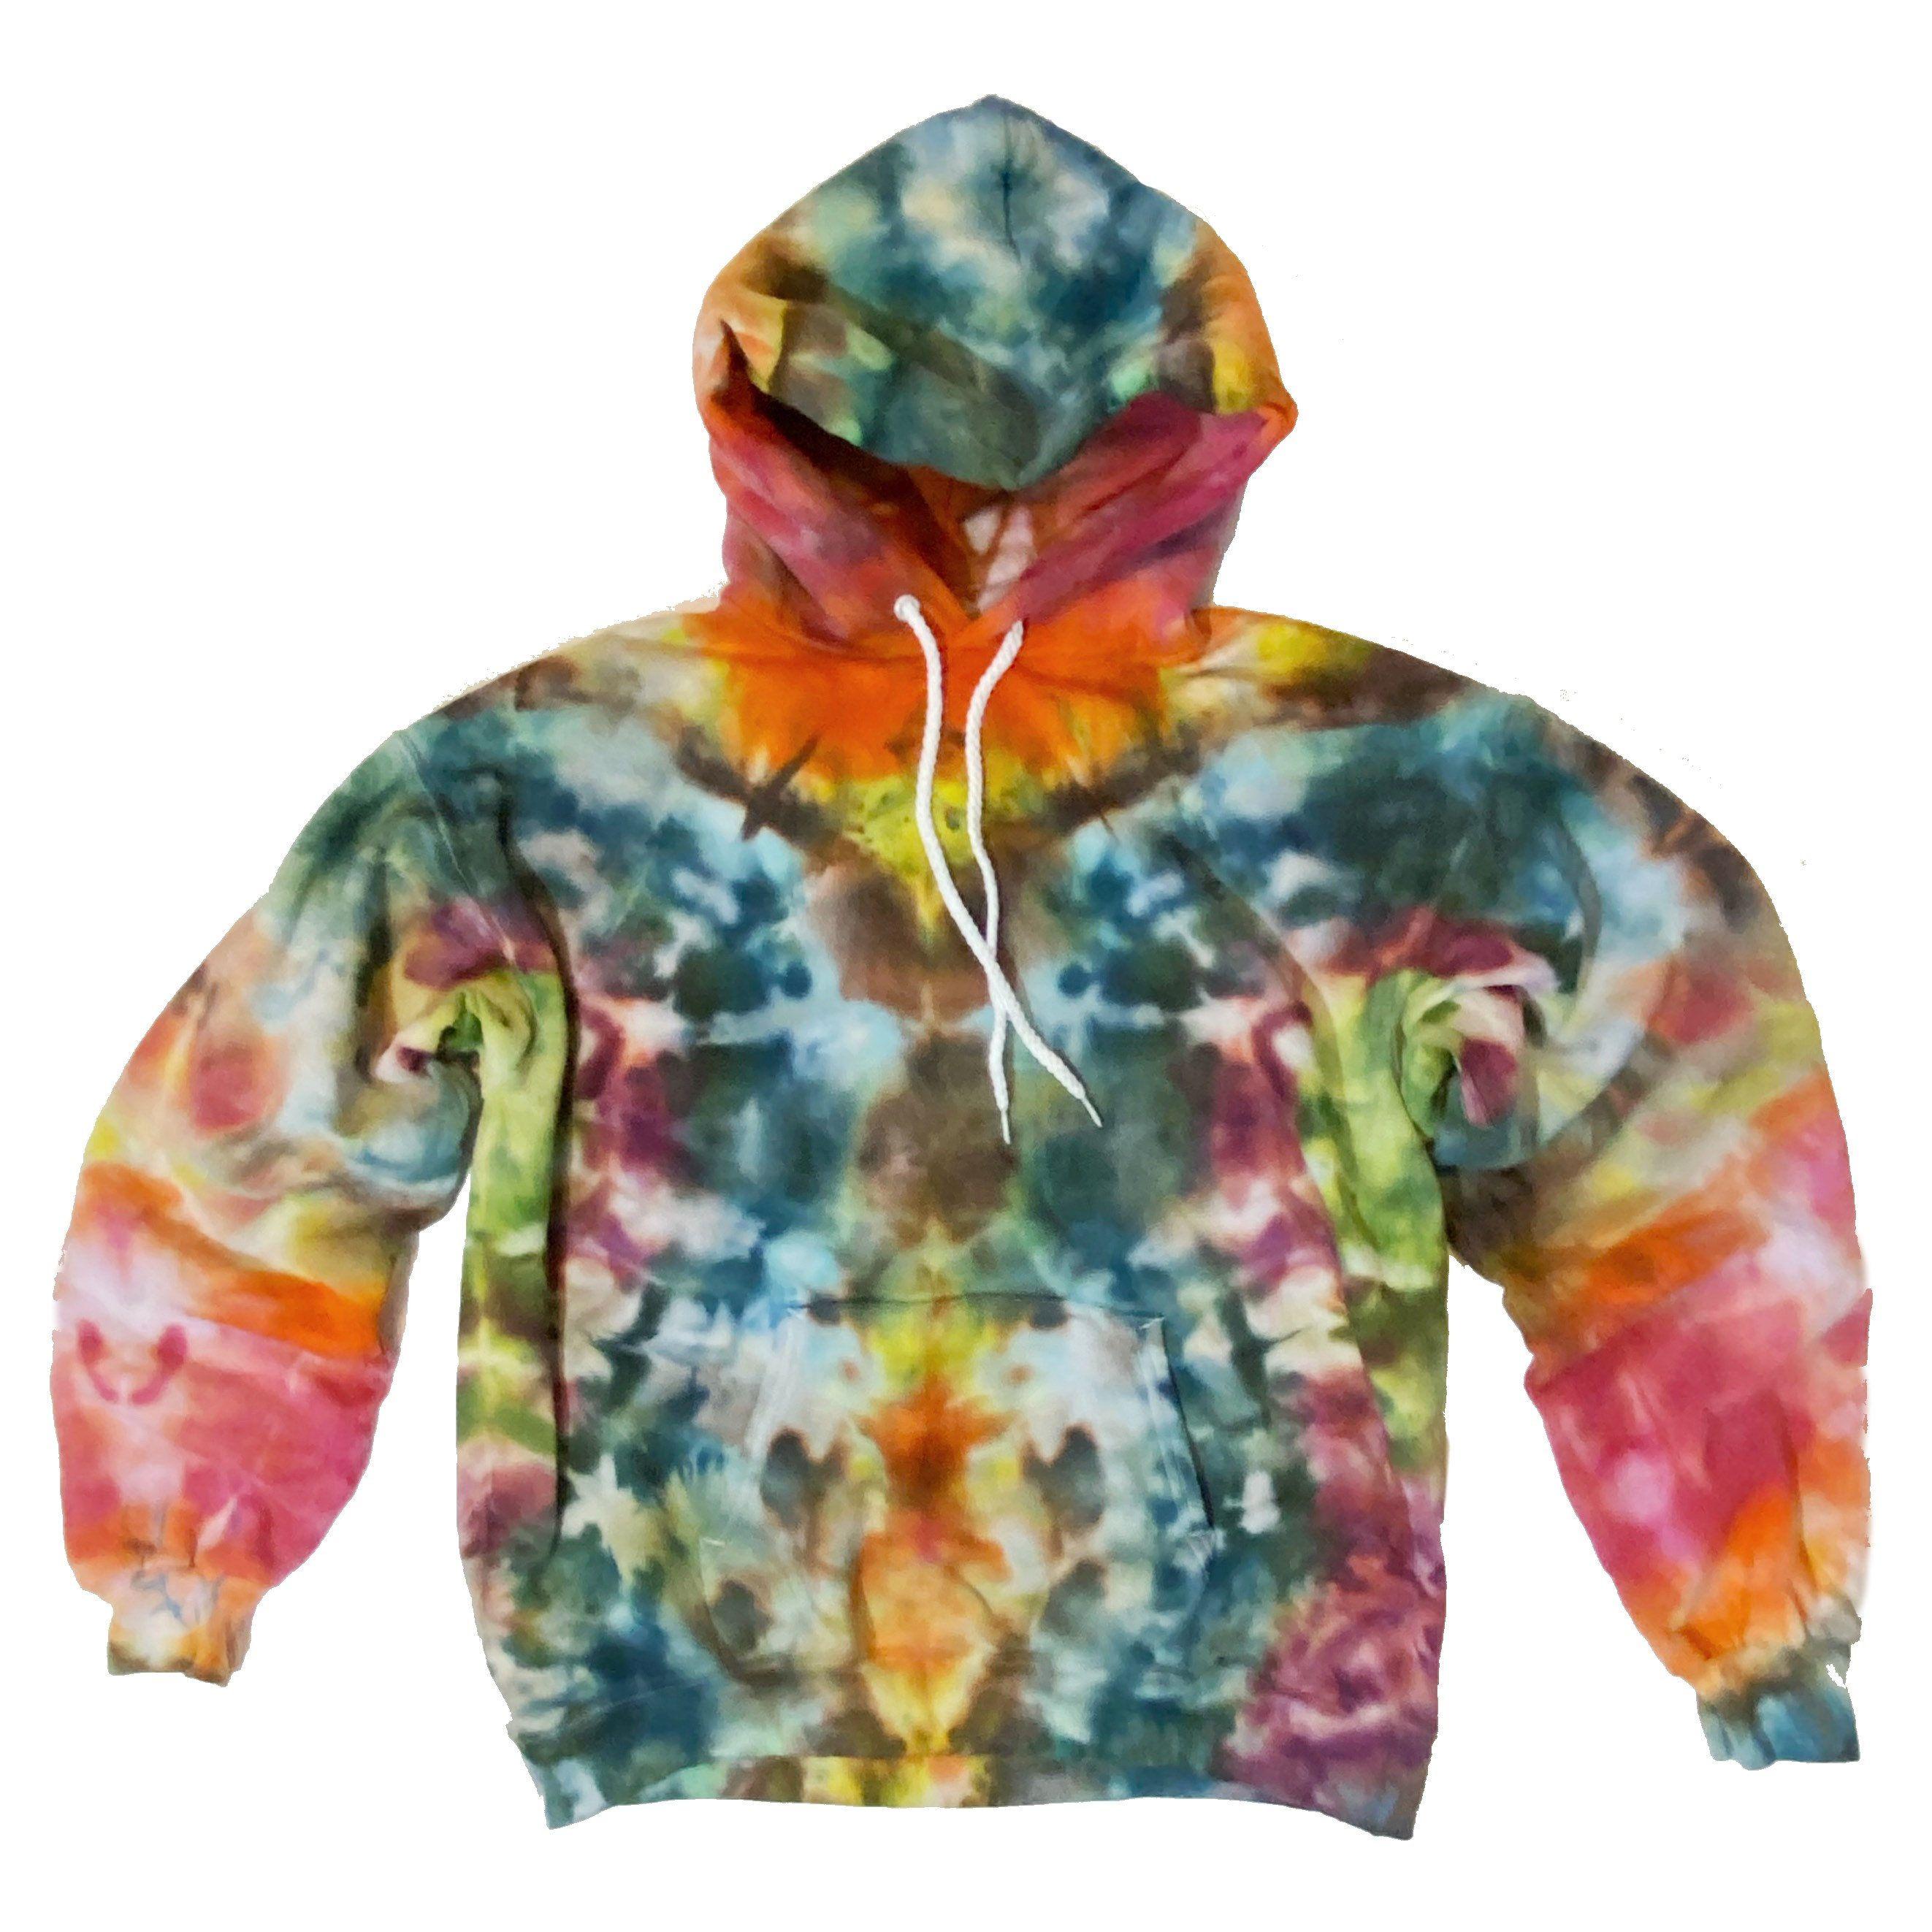 Tie Dye Hoodie Sweatshirt 90 10 Cotton Size Medium Unisex New Etsy In 2021 Tie Dye Hoodie Hoodies Sweatshirts Hoodie [ 2645 x 2645 Pixel ]